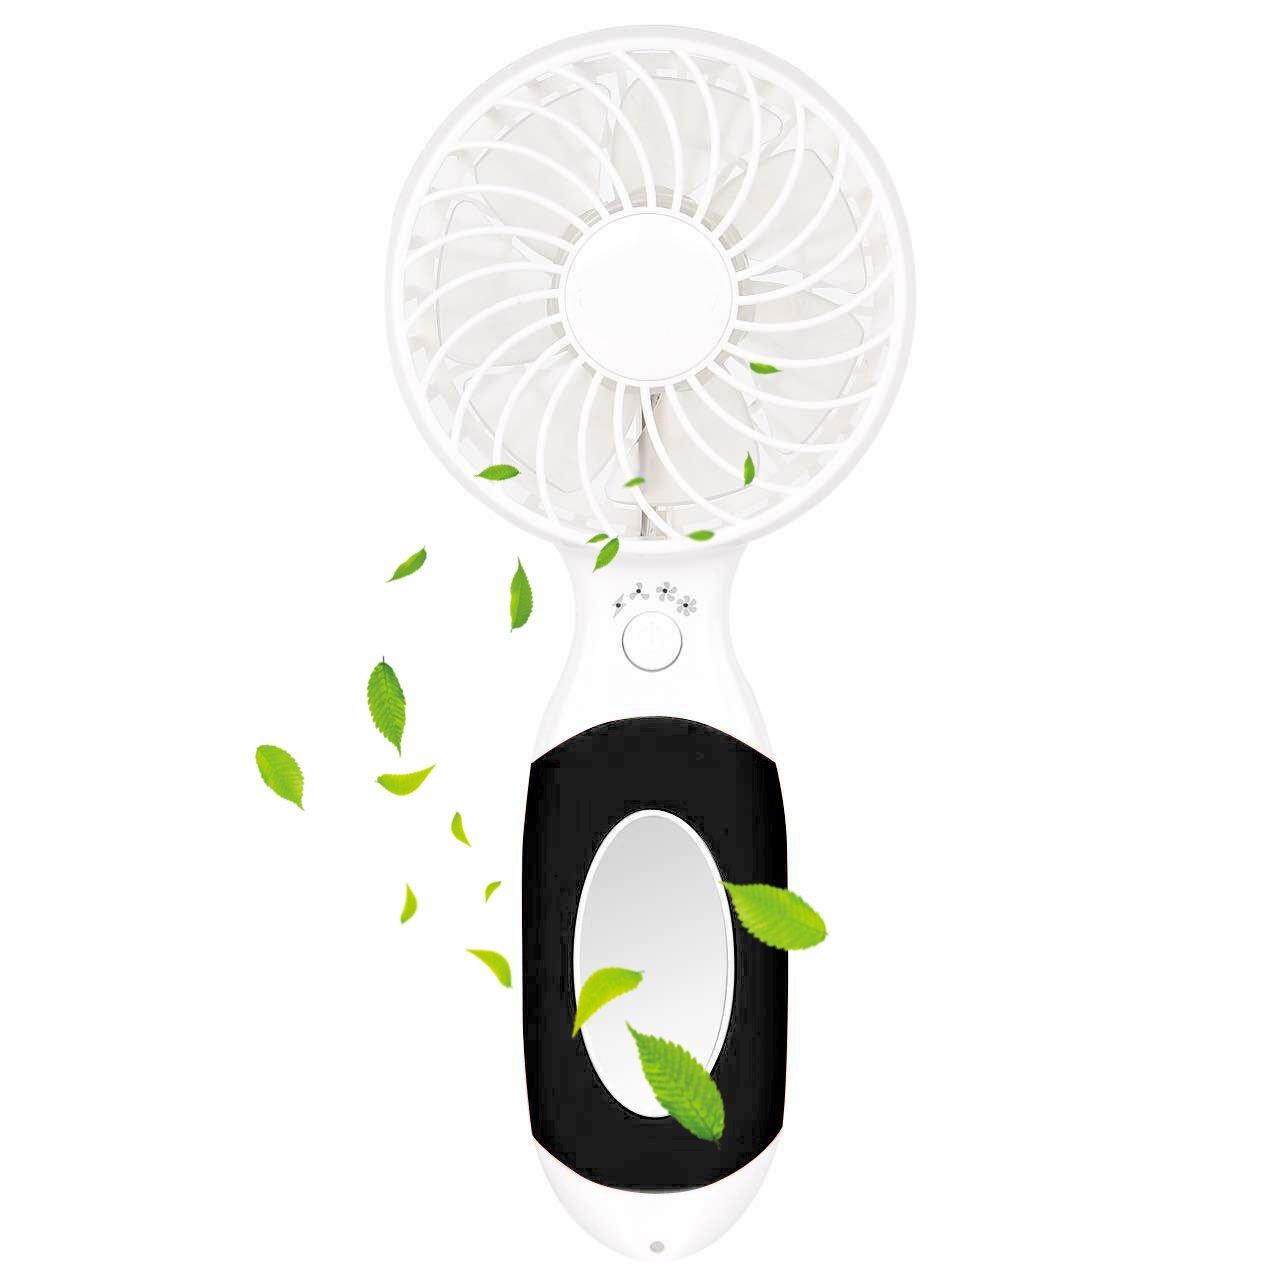 Ventilador USB, LIFU Ventilador Silencioso USB Fan Mini con 3 Modo de Velocidad Mini Espejo y 3600mAh Baterí a Interna Recargable Portatil Ventilador Para Casa y Oficina al Aire Libre-Negro